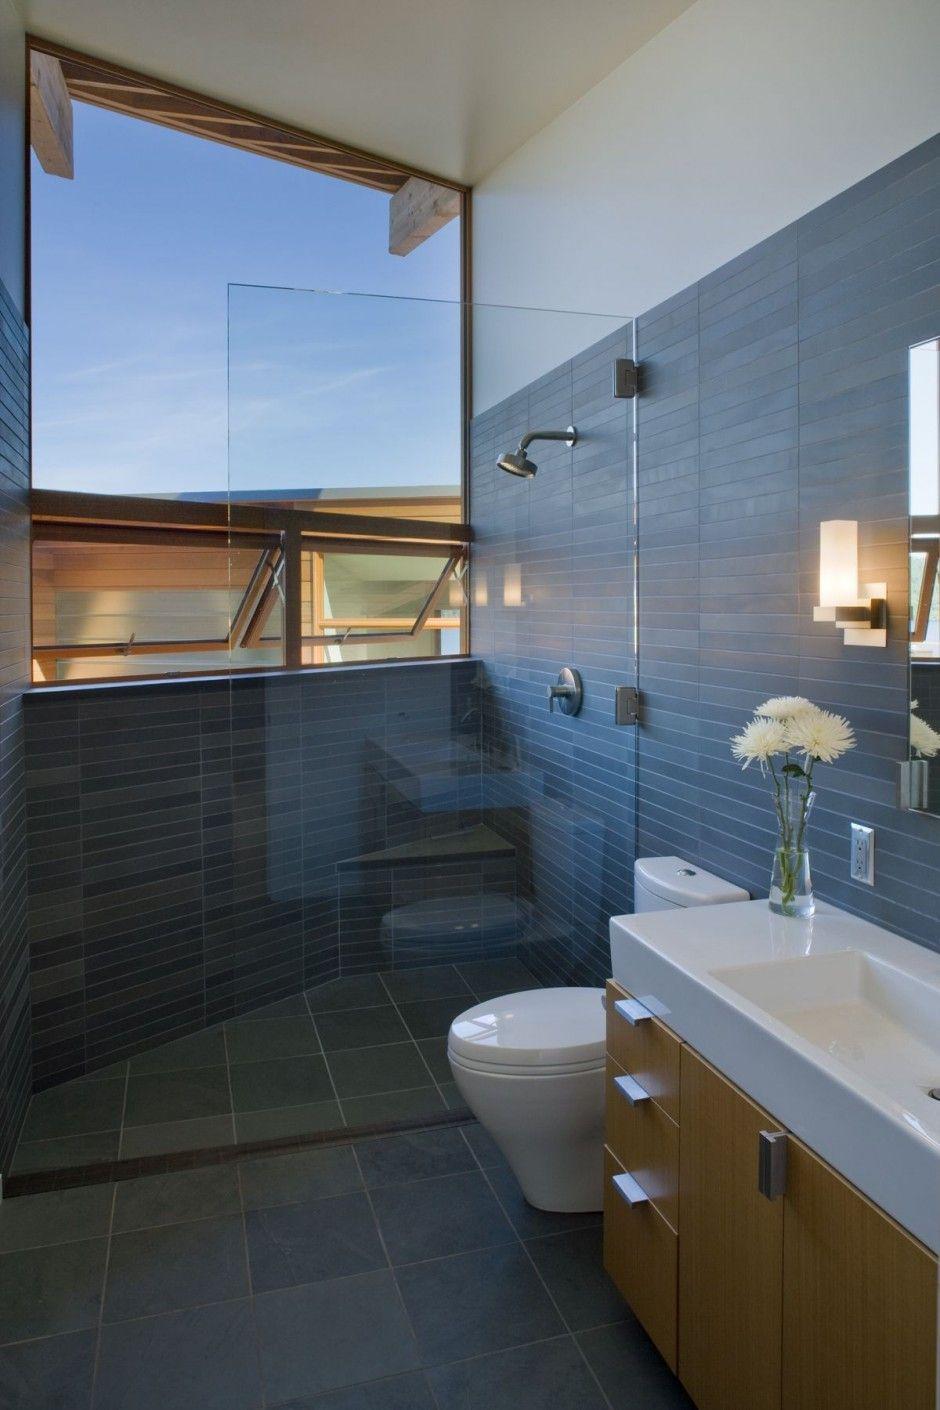 cp_091014_16 » CONTEMPORIST | Home decor & architecture | Pinterest ...